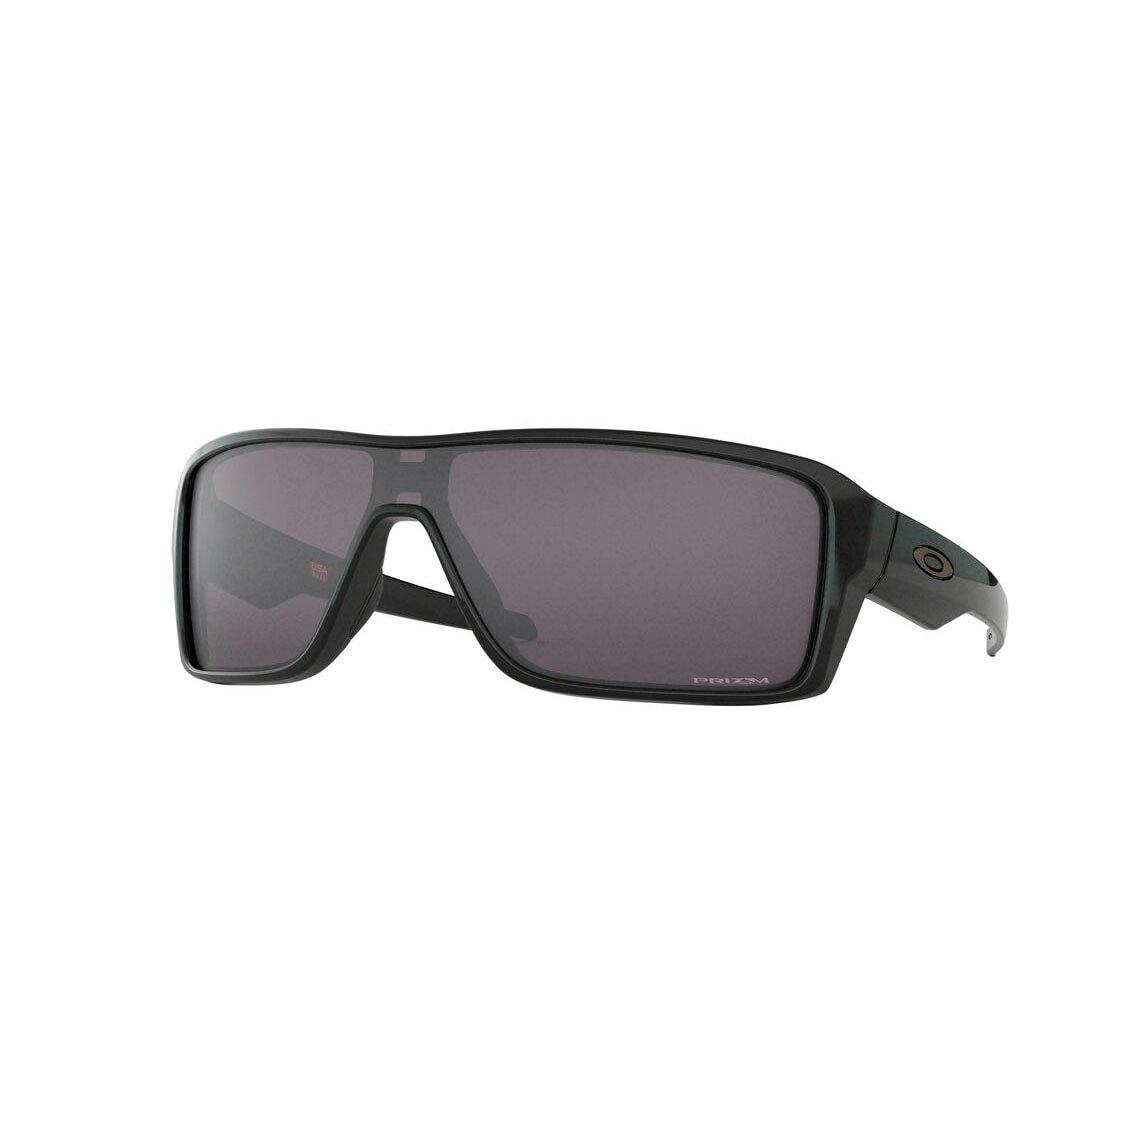 Oakley Ridgeline Prizm Grey OO9419-0127